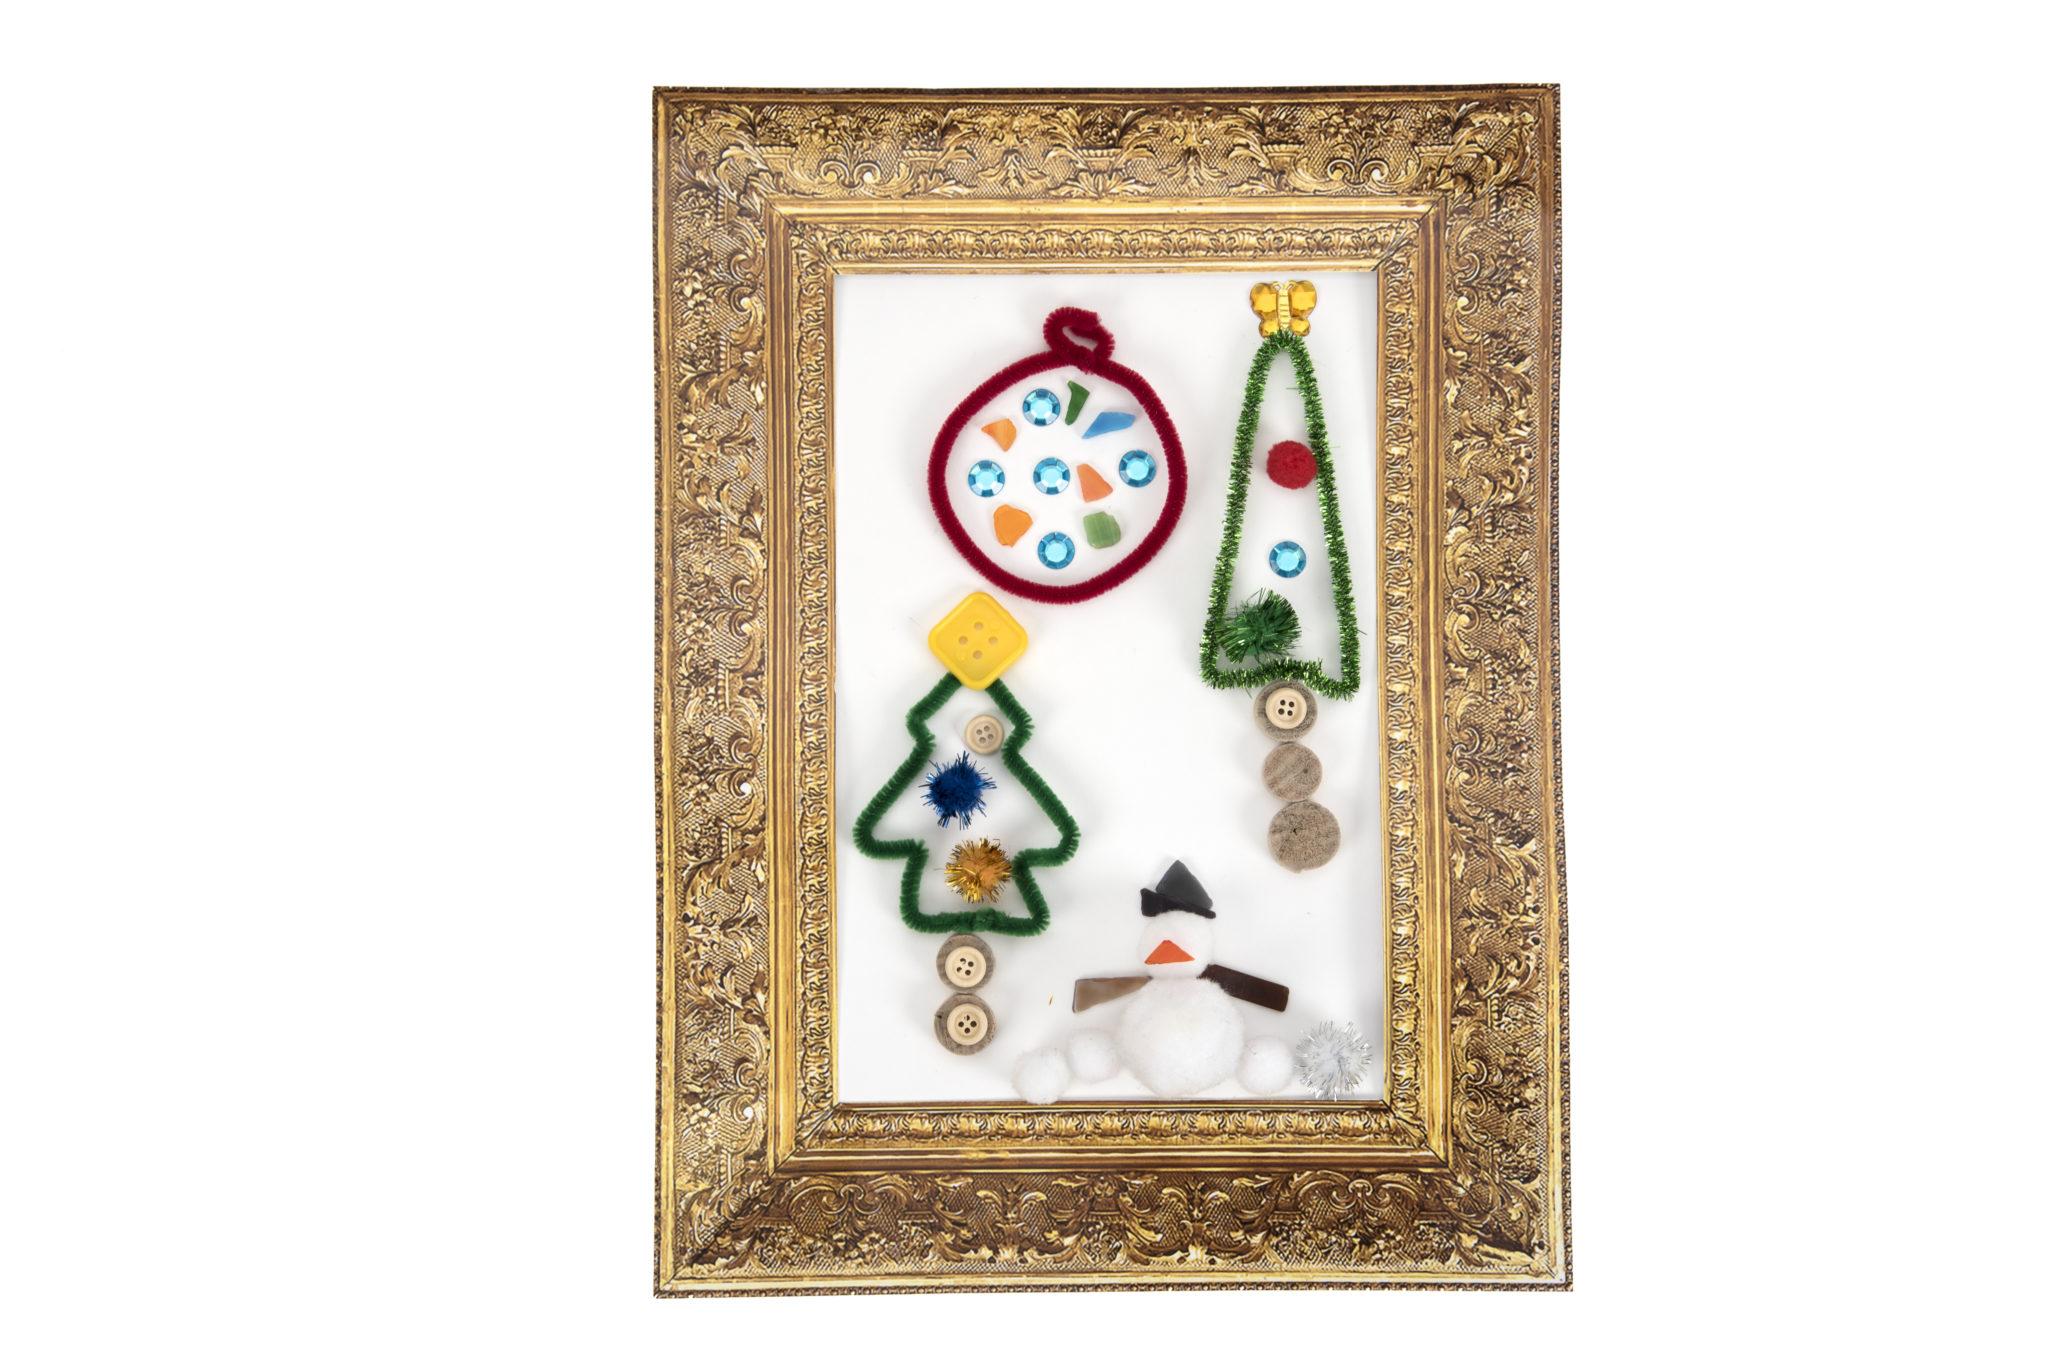 Vintage, golden card frames around children's art work.